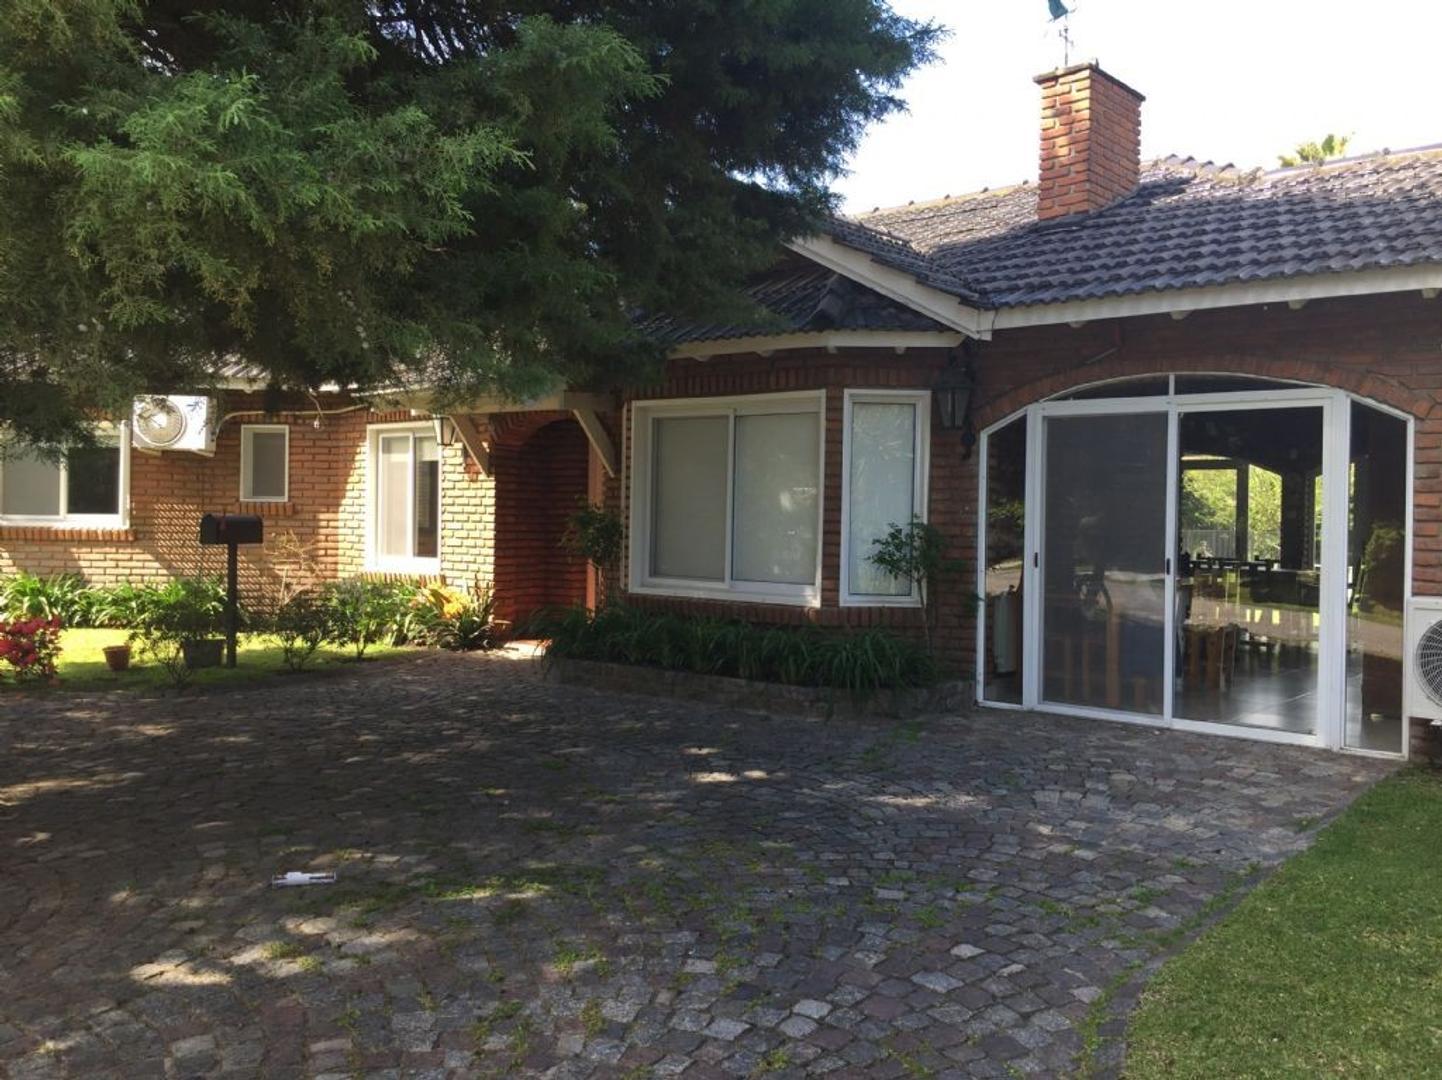 Casa  en Venta  C.C. Banco Provincia, Zona Oeste - OES0197_LP83943_1